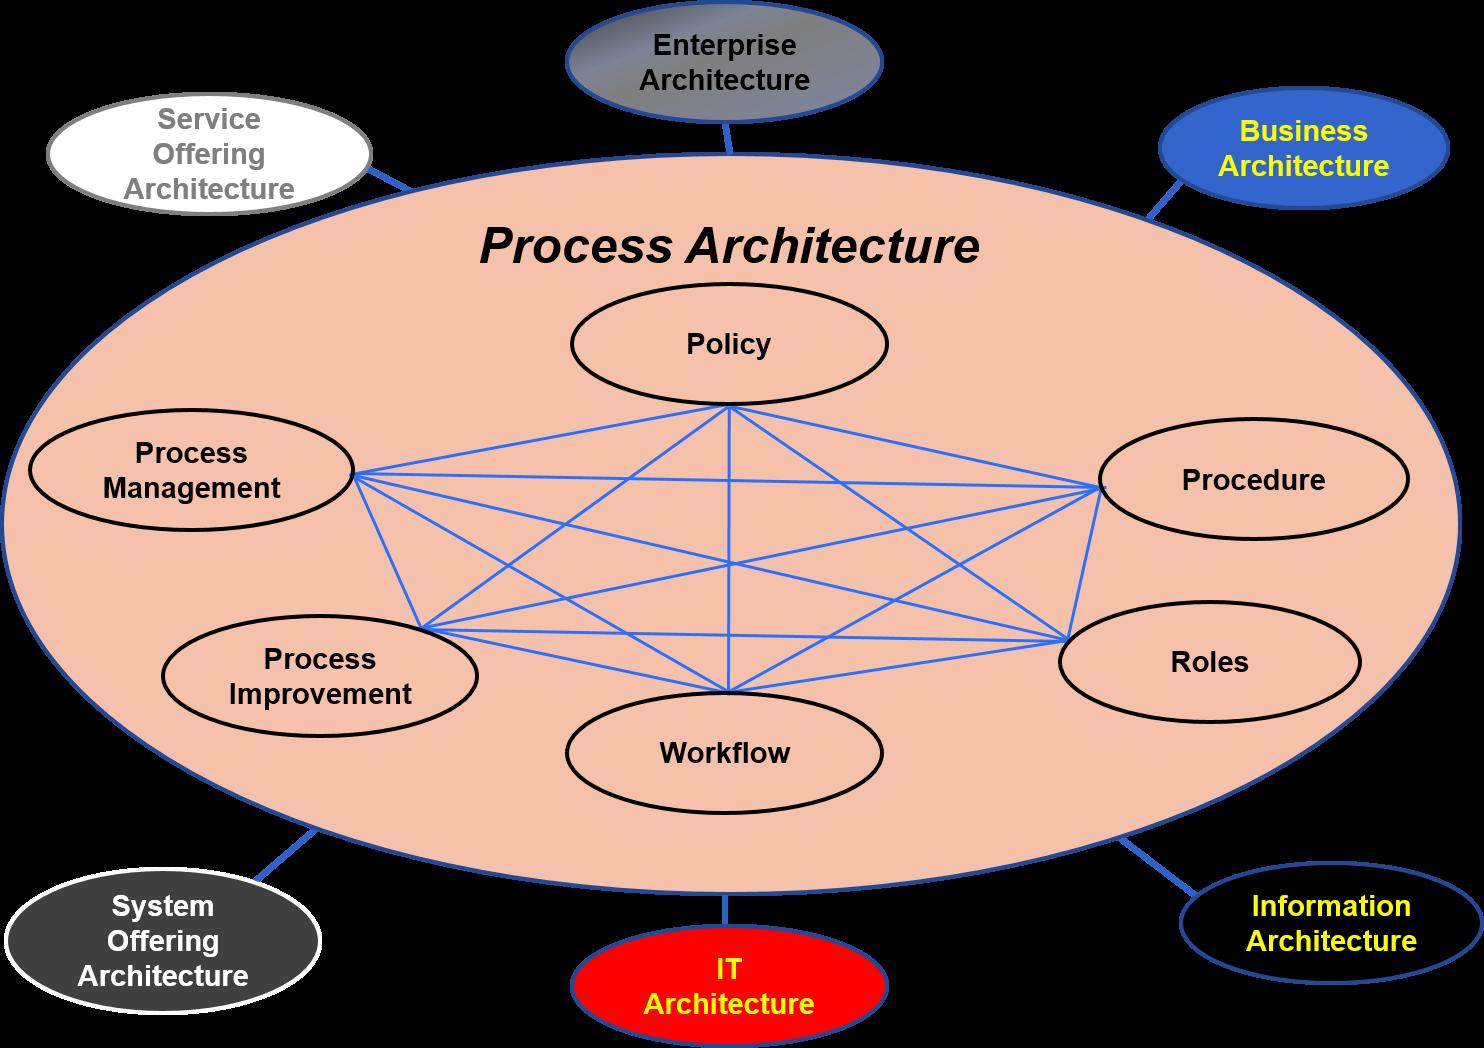 PArchitecture